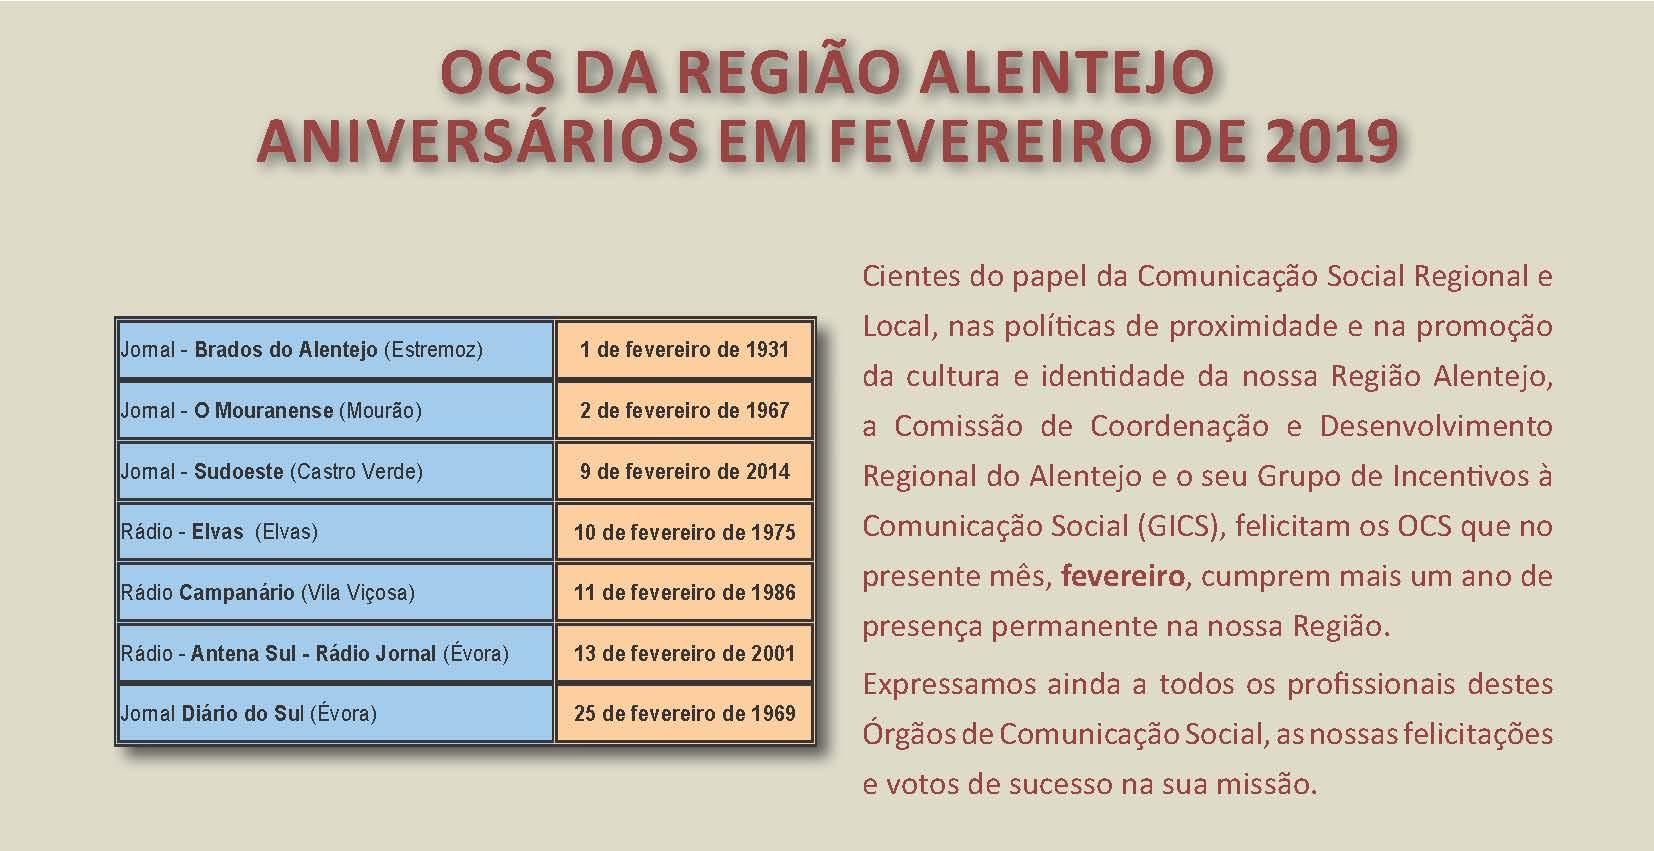 Aniversário em fevereiro 2019 OCS da Região Alentejo